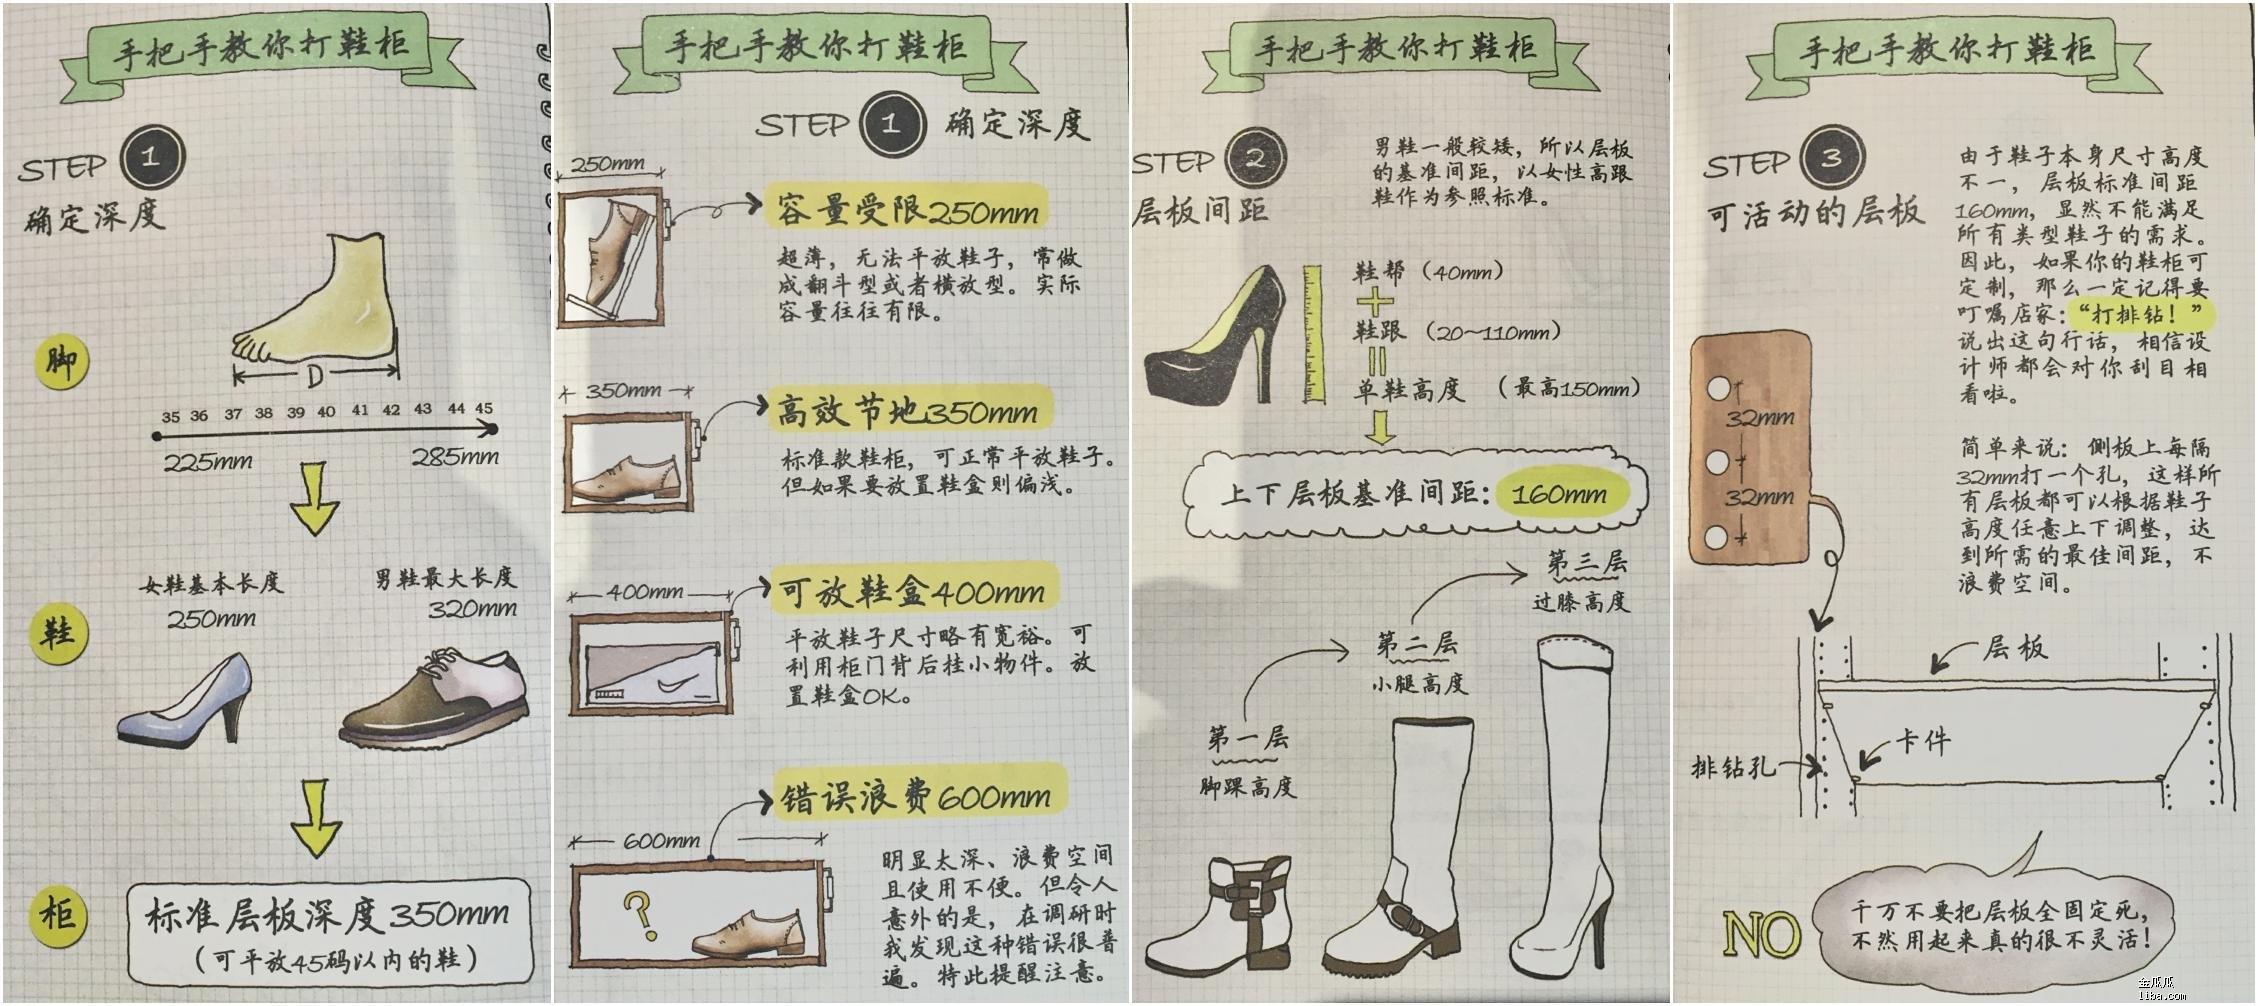 鞋尺寸柜.jpg